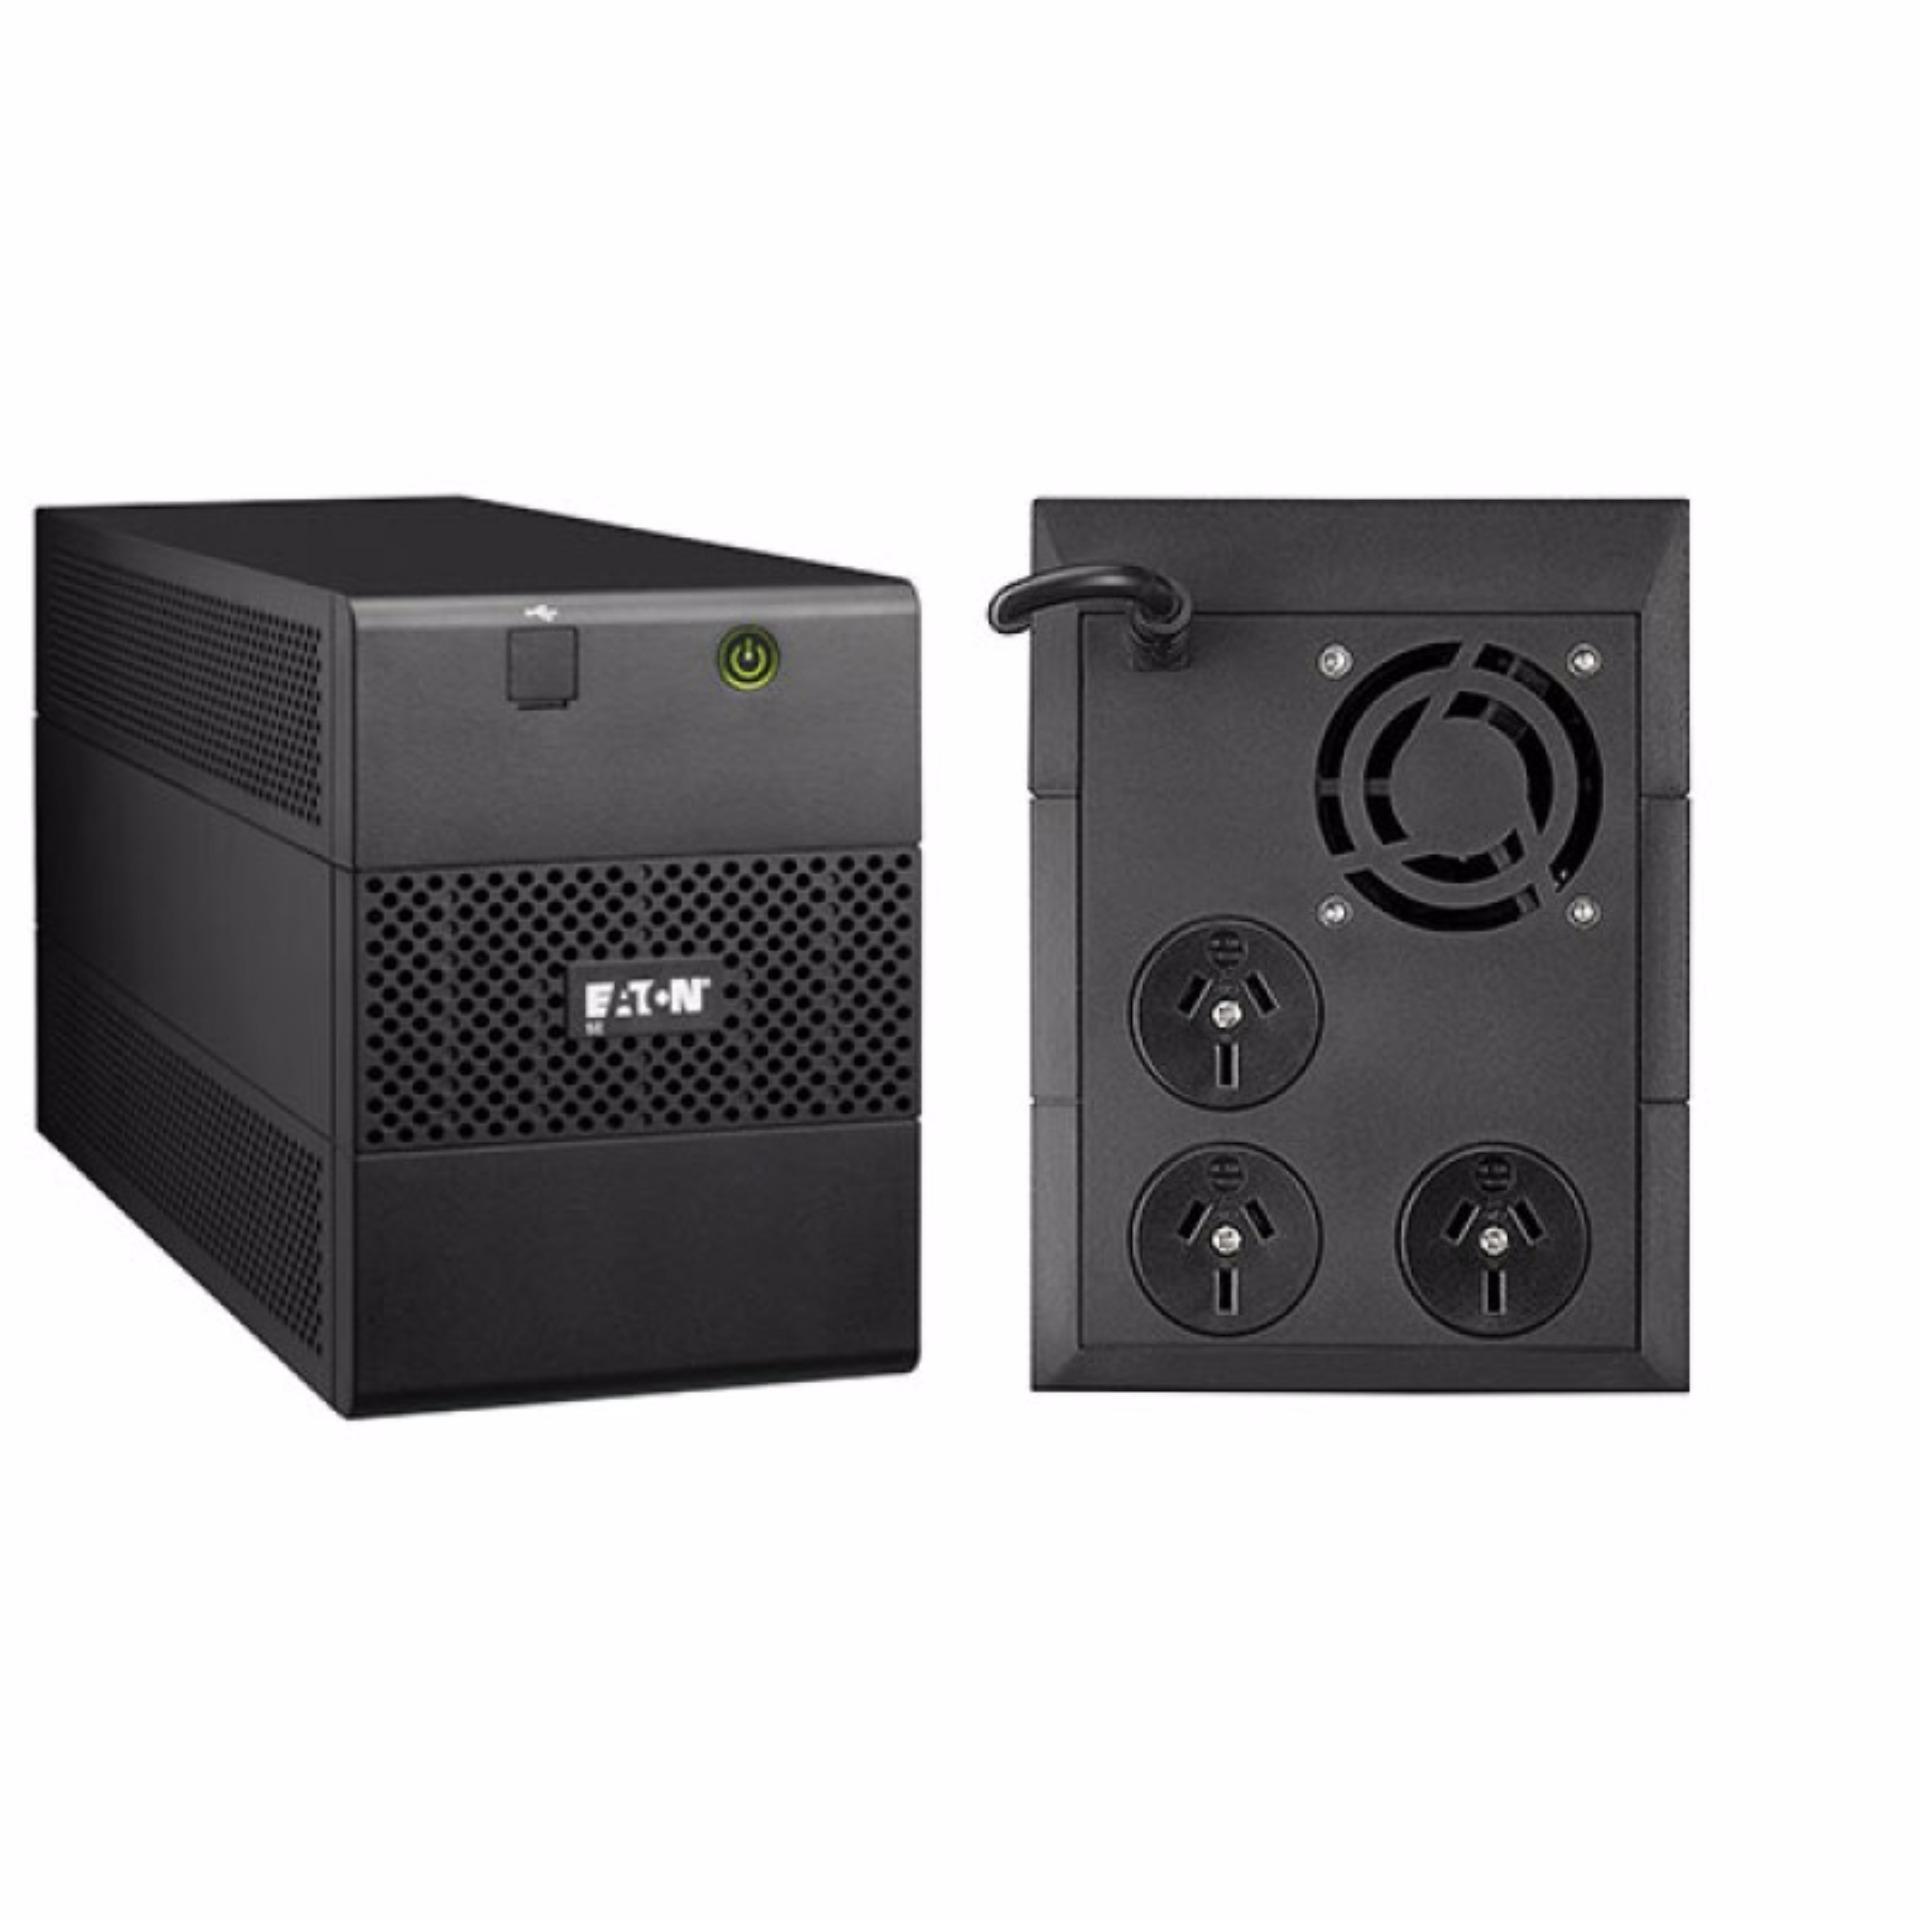 Bộ lưu điện Line Interactive Eaton 5E1100iUSB